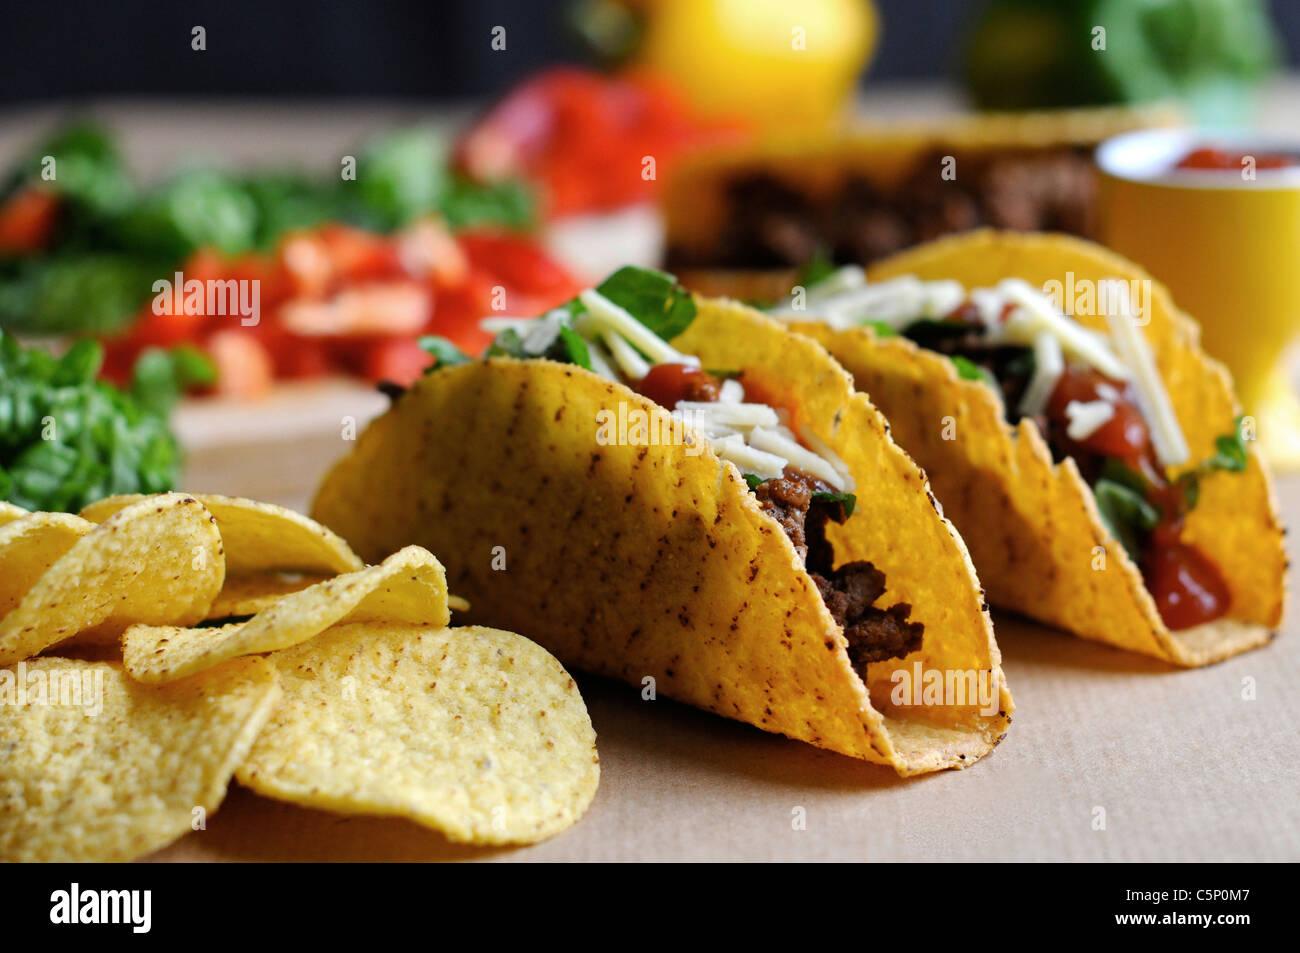 Tex Mex Küche Stockfotos & Tex Mex Küche Bilder - Alamy